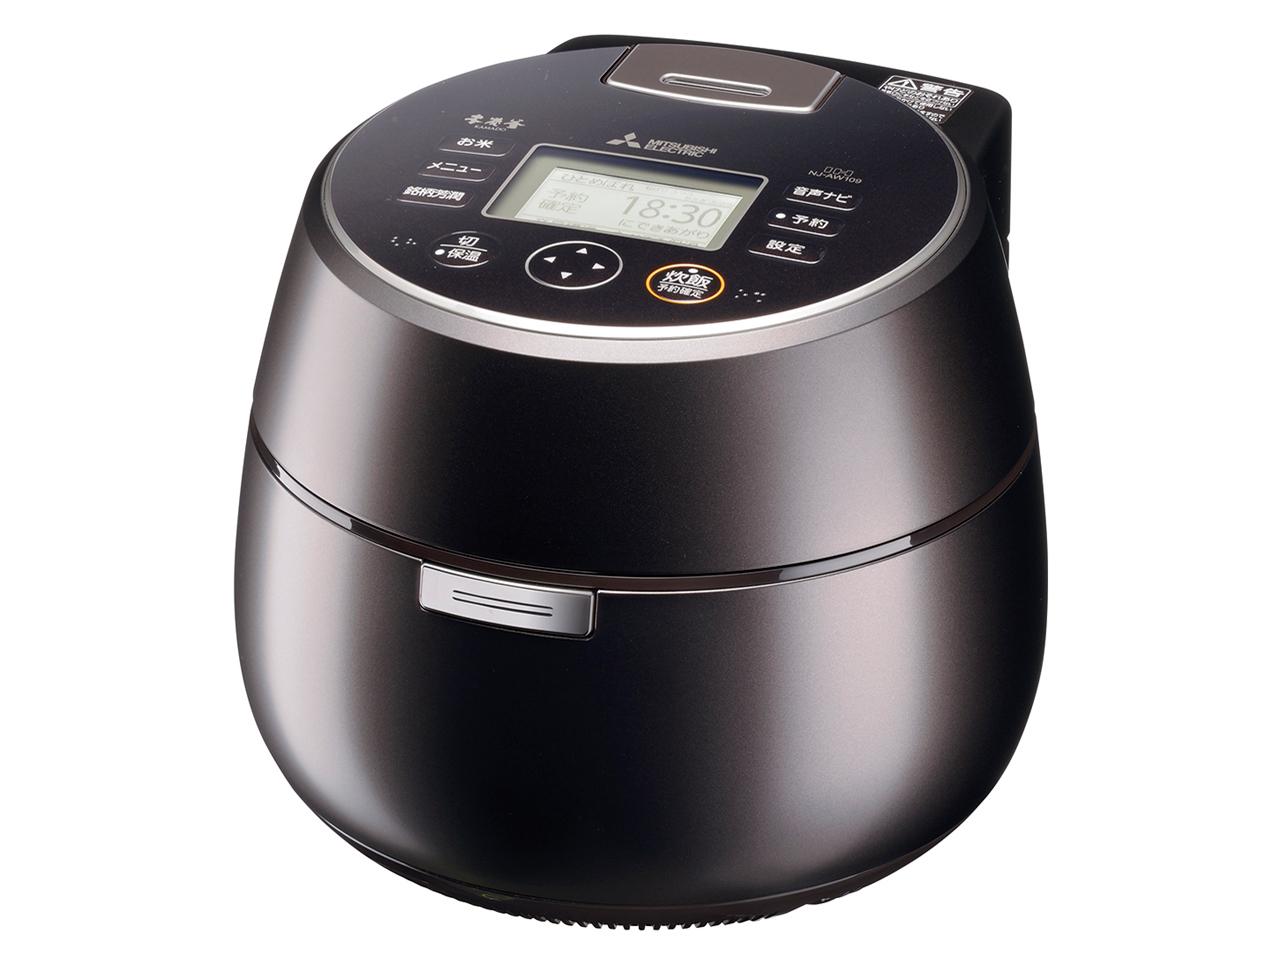 【お取り寄せ】三菱電機(Mitsubishi Electric)IHジャー炊飯器(5.5合炊き) 黒銀蒔|NJ-AW109-B